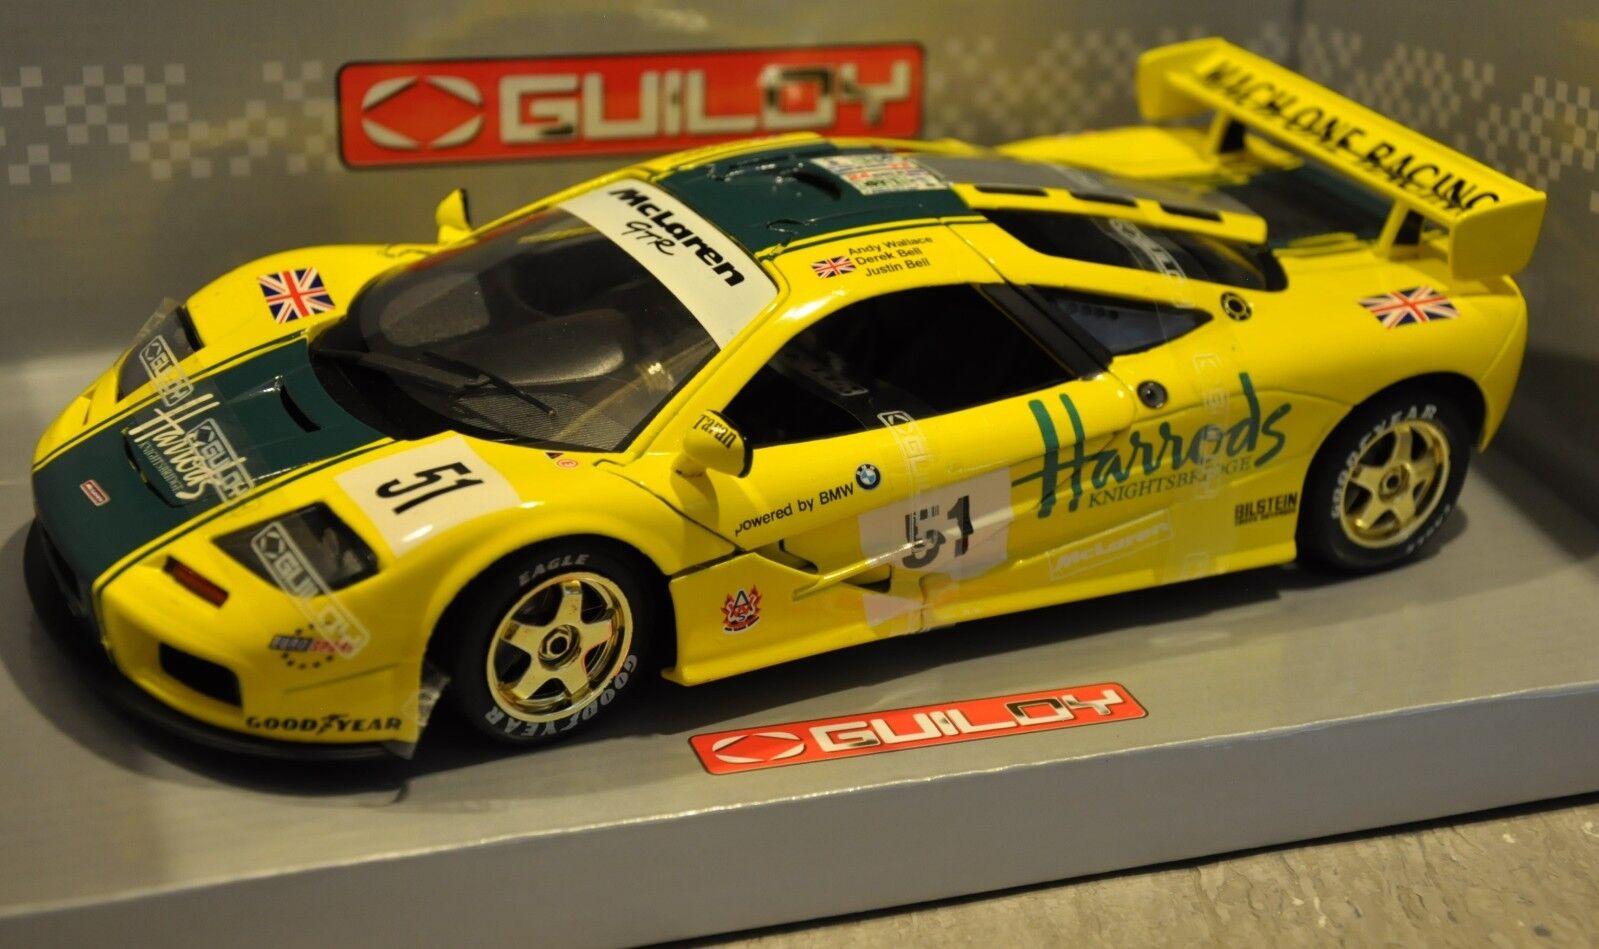 Guiloy 1 18 McLaren F1 GTR Harrods  51 le mans 24 H 1995